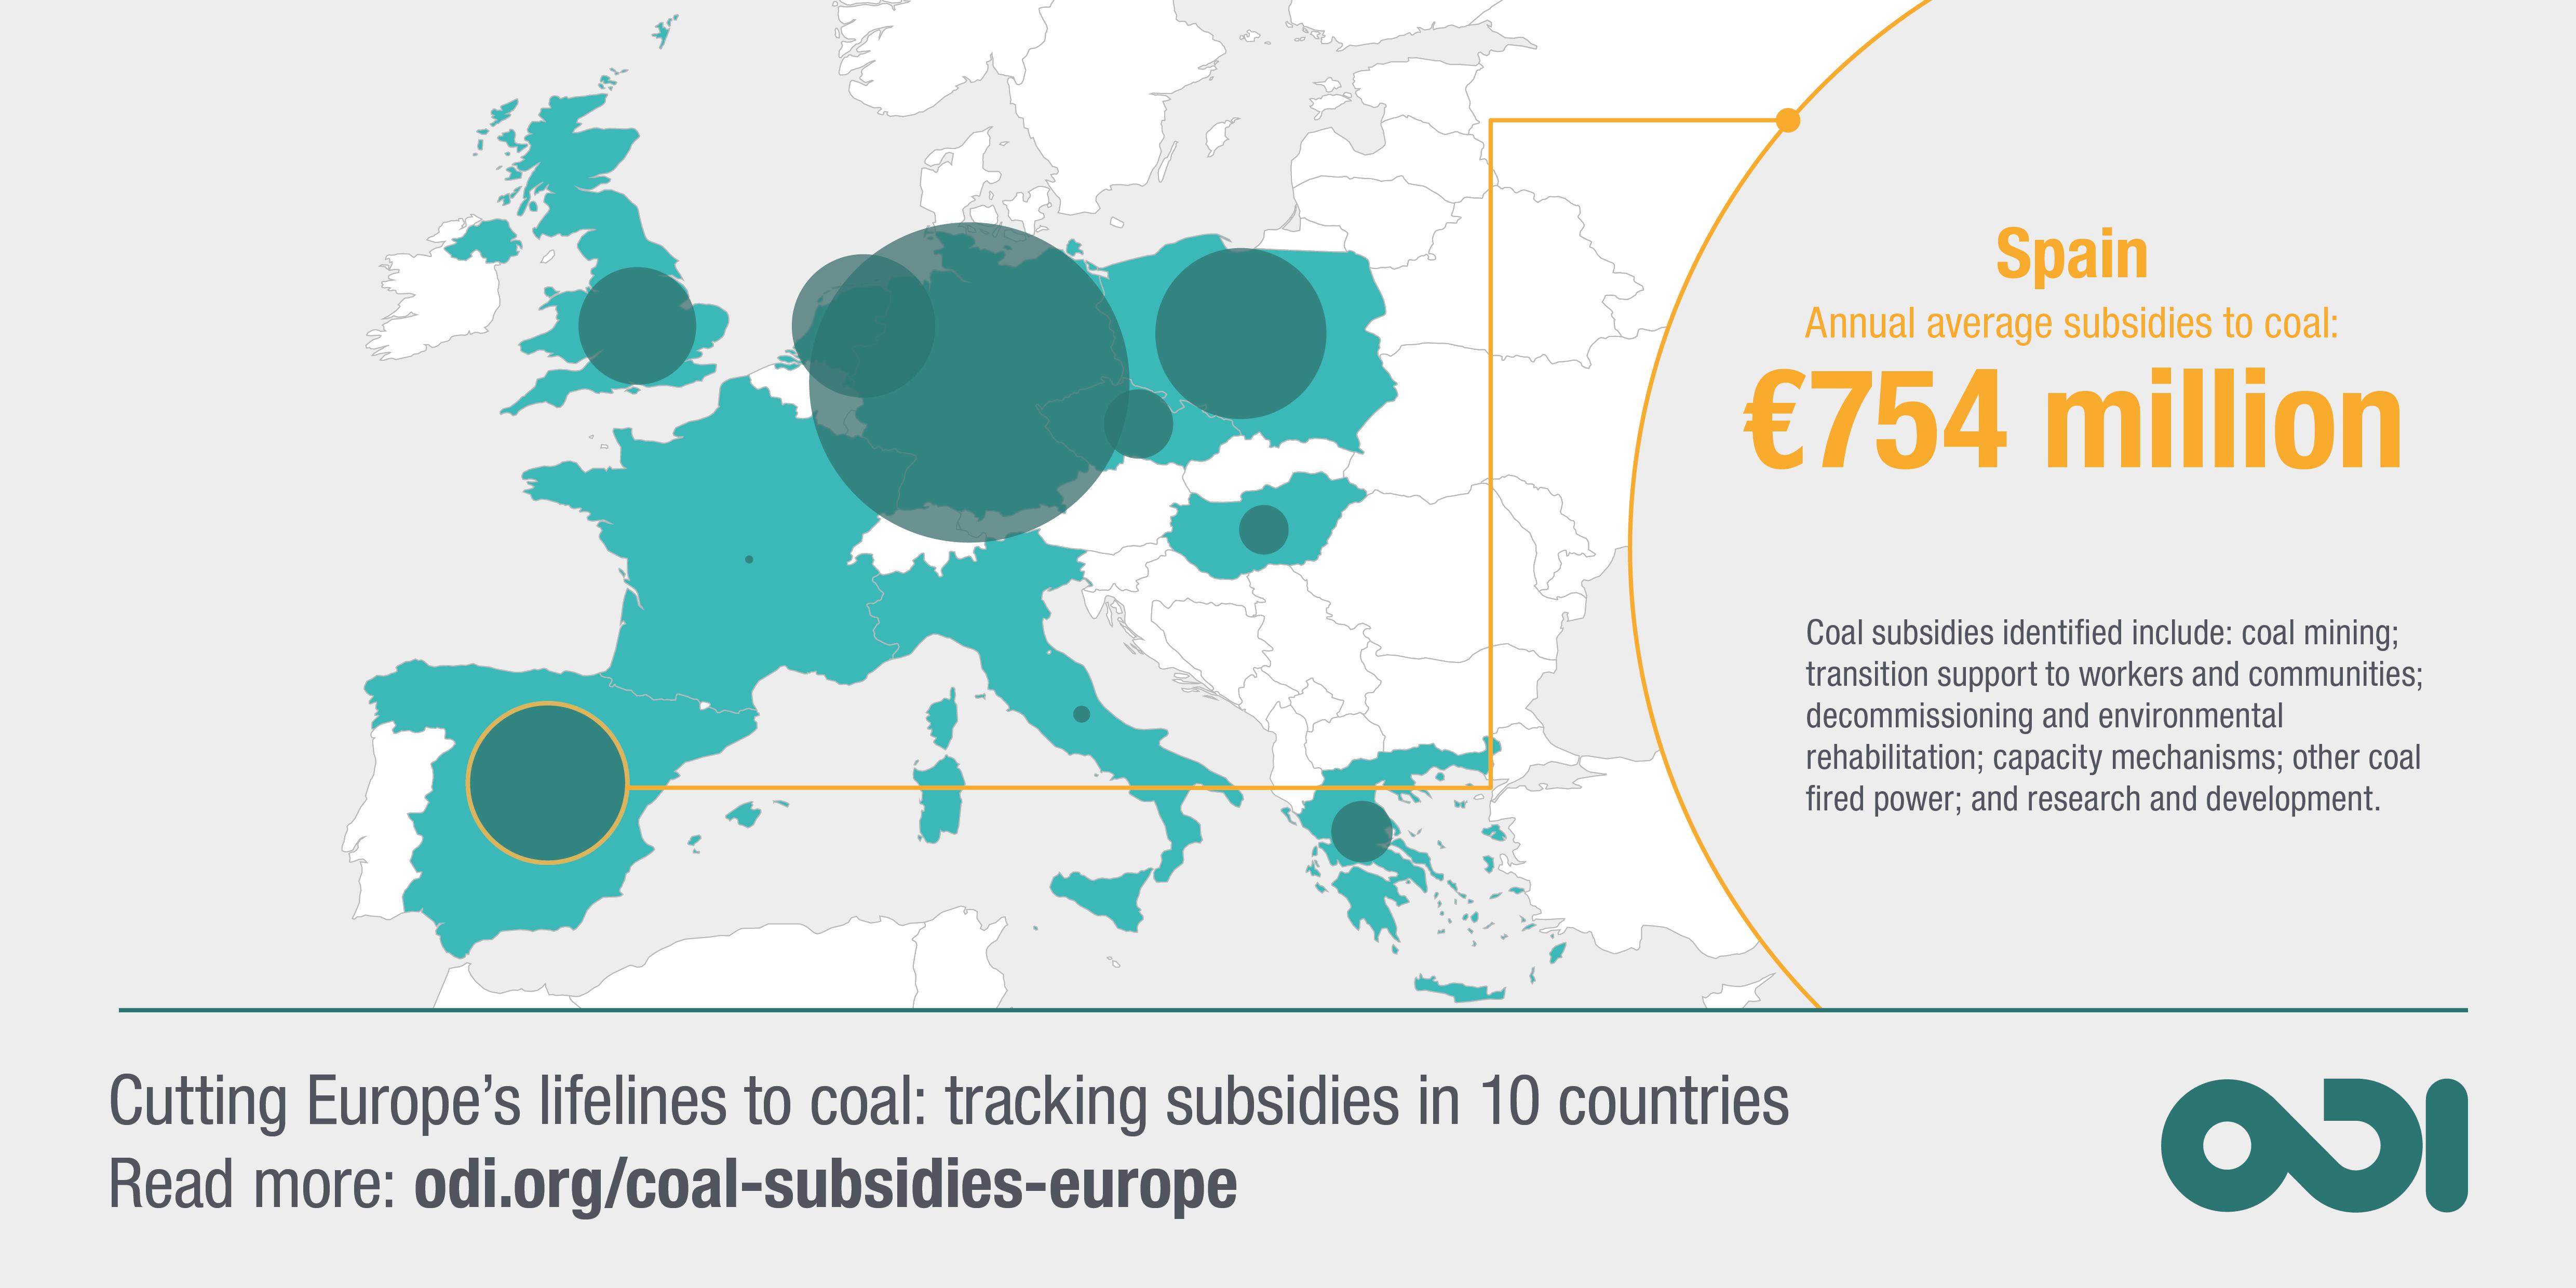 Coal subsidies in Europe Spain